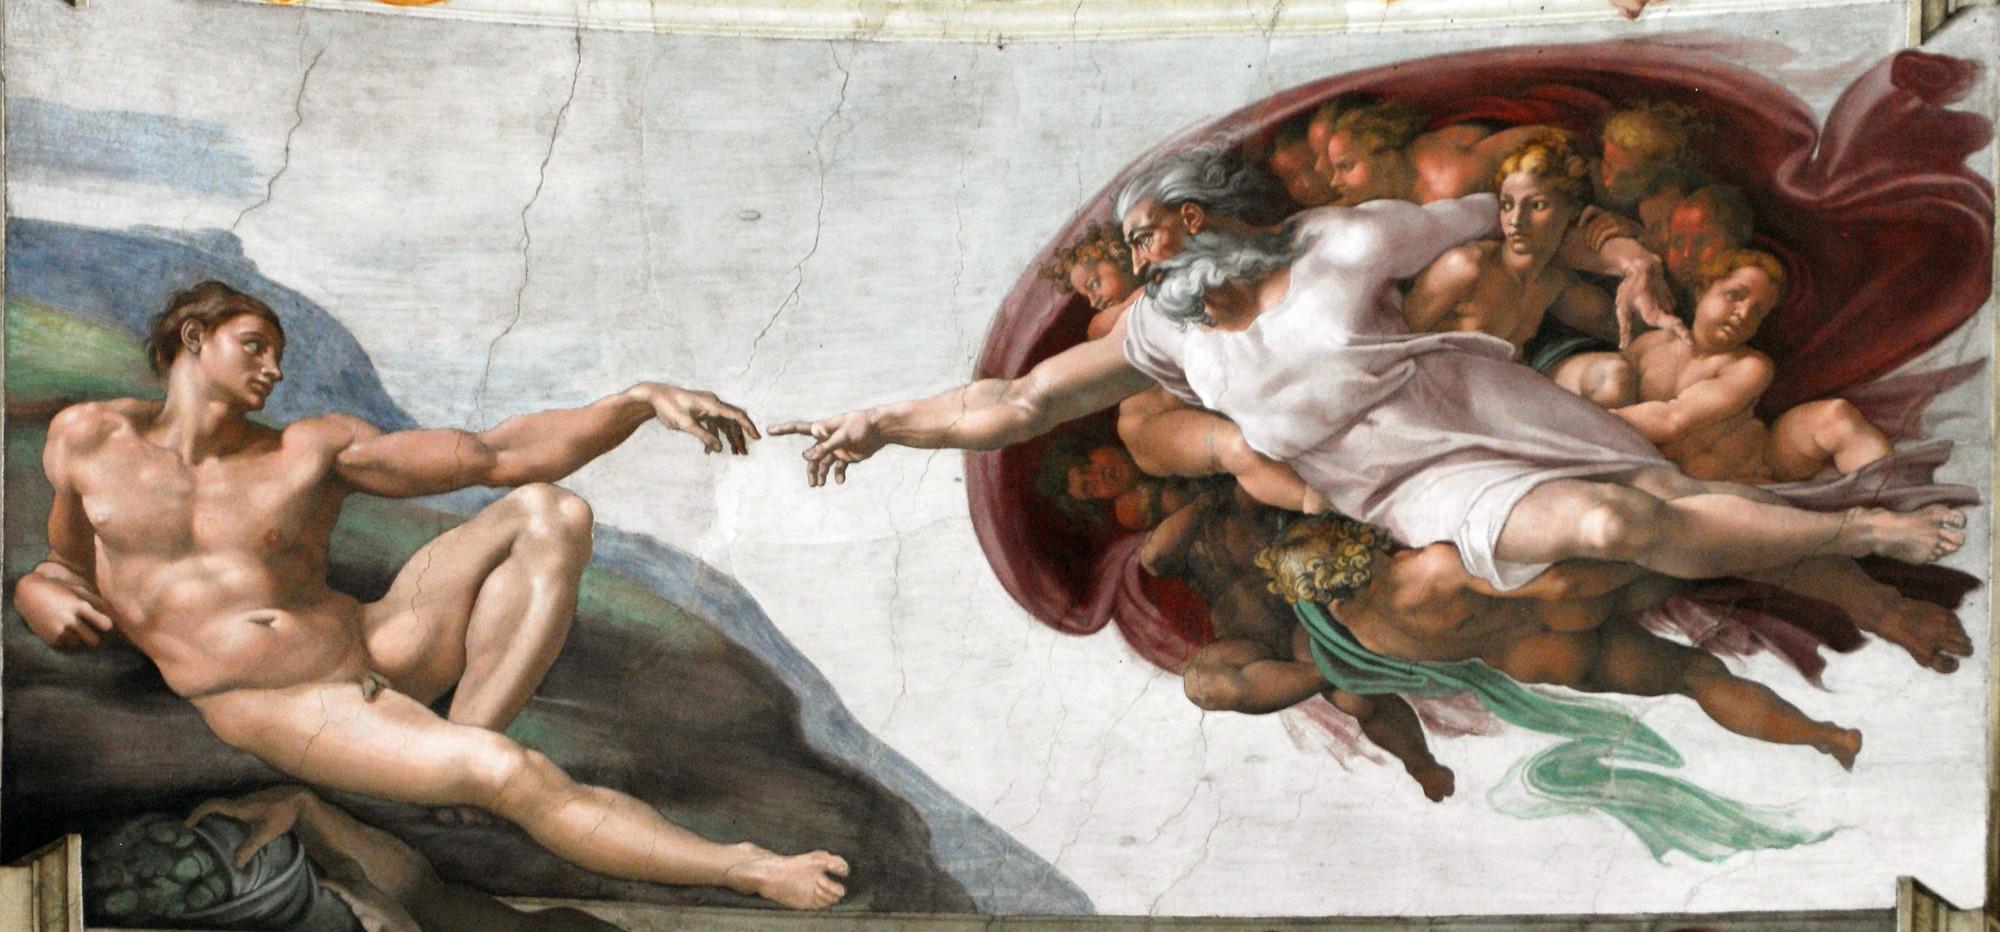 Μιχαήλ Άγγελος, Η δημιουργία του Αδάμ (1508-1512). Ενώ στο Μεσαίωνα ο άνθρωπος ήταν υποταγμένος στο Θεό, τη Θρησκεία, τον Πάπα, τον Βασιλιά ή τον εκάστοτε Ηγεμόνα, κατά την Αναγέννηση άρχισε να αποκτά αξία. Η απεικόνιση της δημιουργίας του ανθρώπου, η στιγμή τηςεμφύσησης της ζωής μέσα του, τα δάχτυλα που σχεδόν αγγίζουν τον δημιουργό, αποτελούν χαρακτηριστικό παράδειγμα.